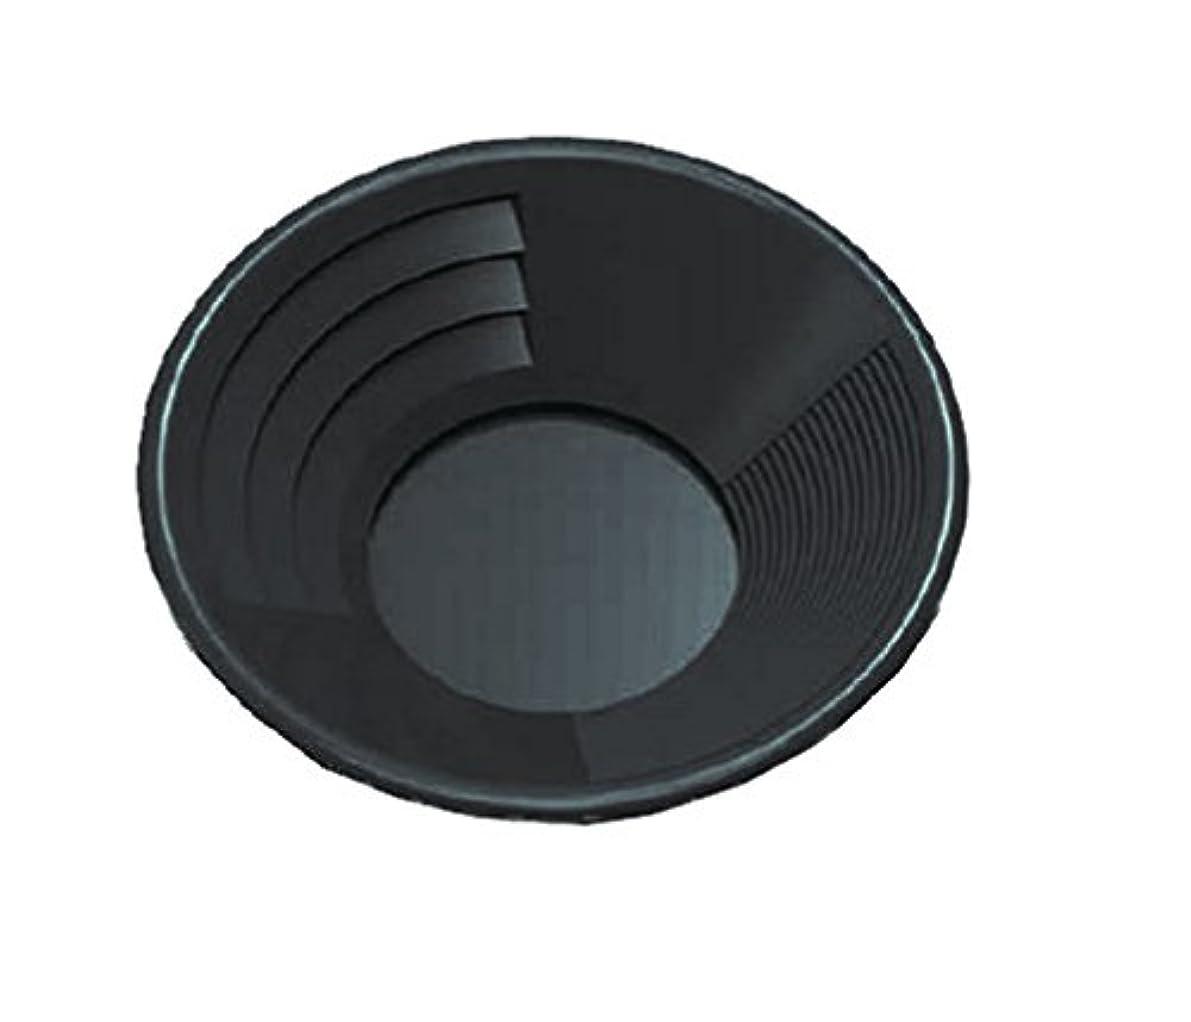 電話デザイナー生産的SE GP1001BL 10-Inch Plastic Gold Mining Pan Black by SE [並行輸入品]